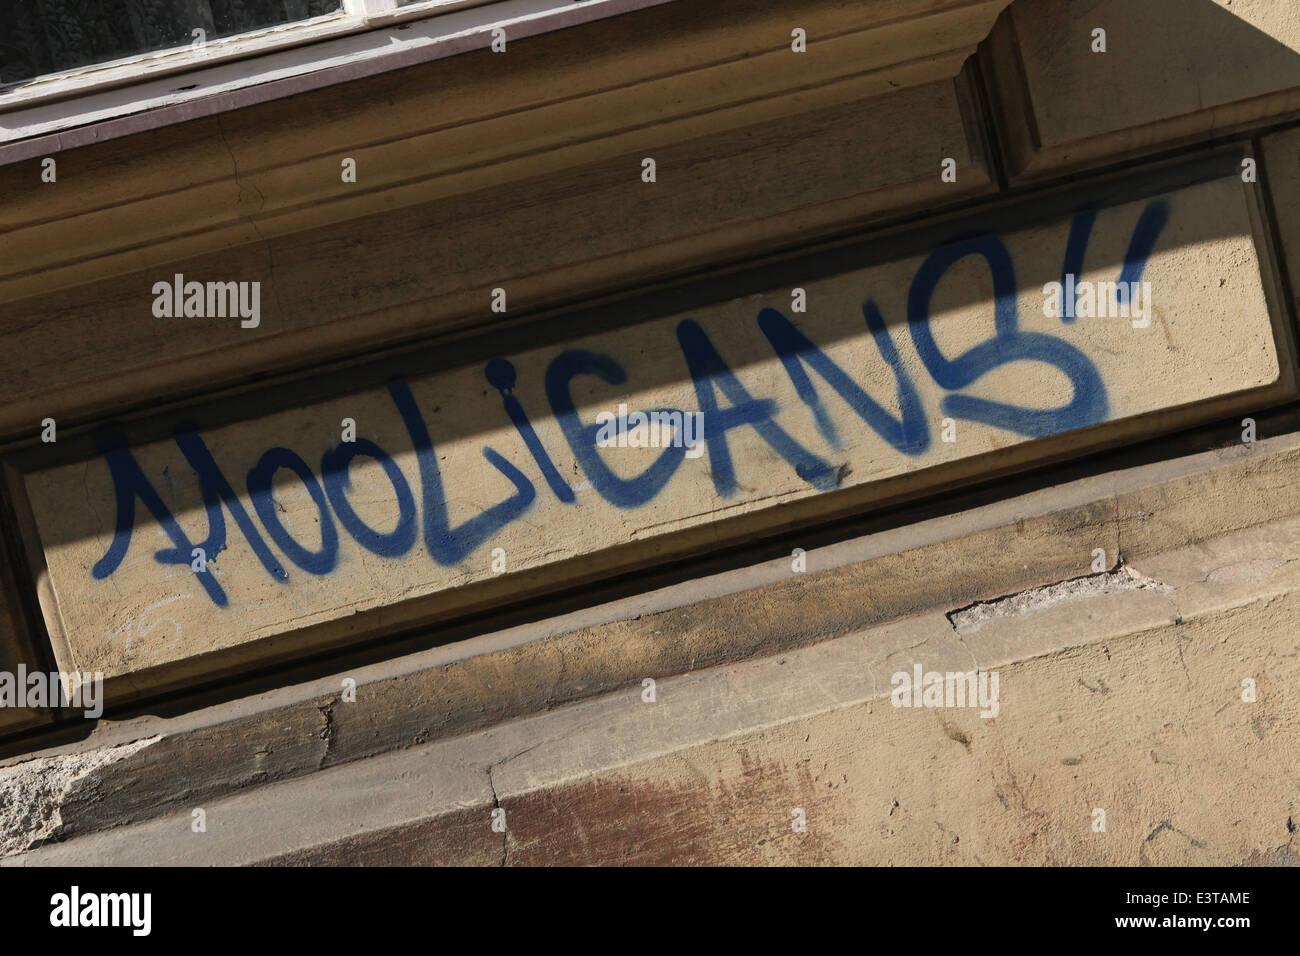 Hooligans. Street graffiti in Olomouc, Czech Republic. - Stock Image